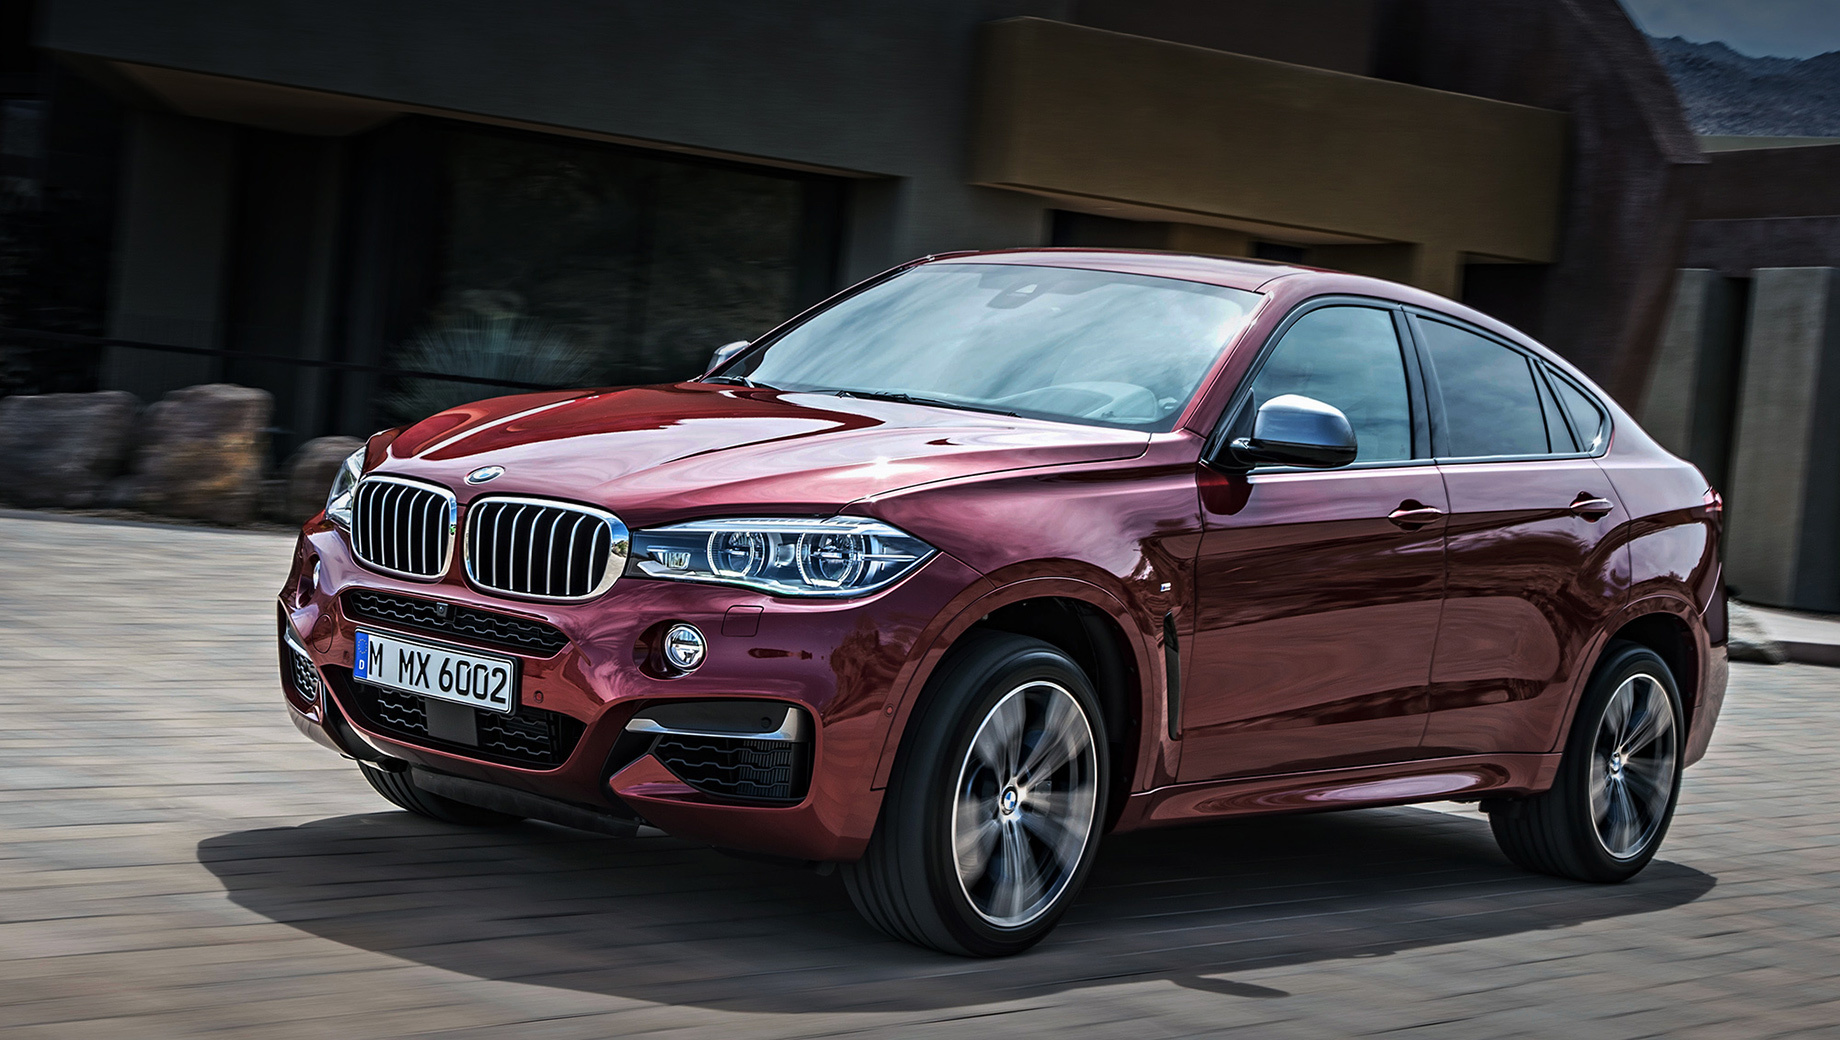 Bmw x6,Bmw x6m. Завсегдатаем сервисных акций BMW X6 никак не назовёшь. В феврале текущего года кроссовер вызывался на ремонт вместе с почти всем модельным рядом из-за опасности возгорания, но персональных приглашений X6 не получал давно.